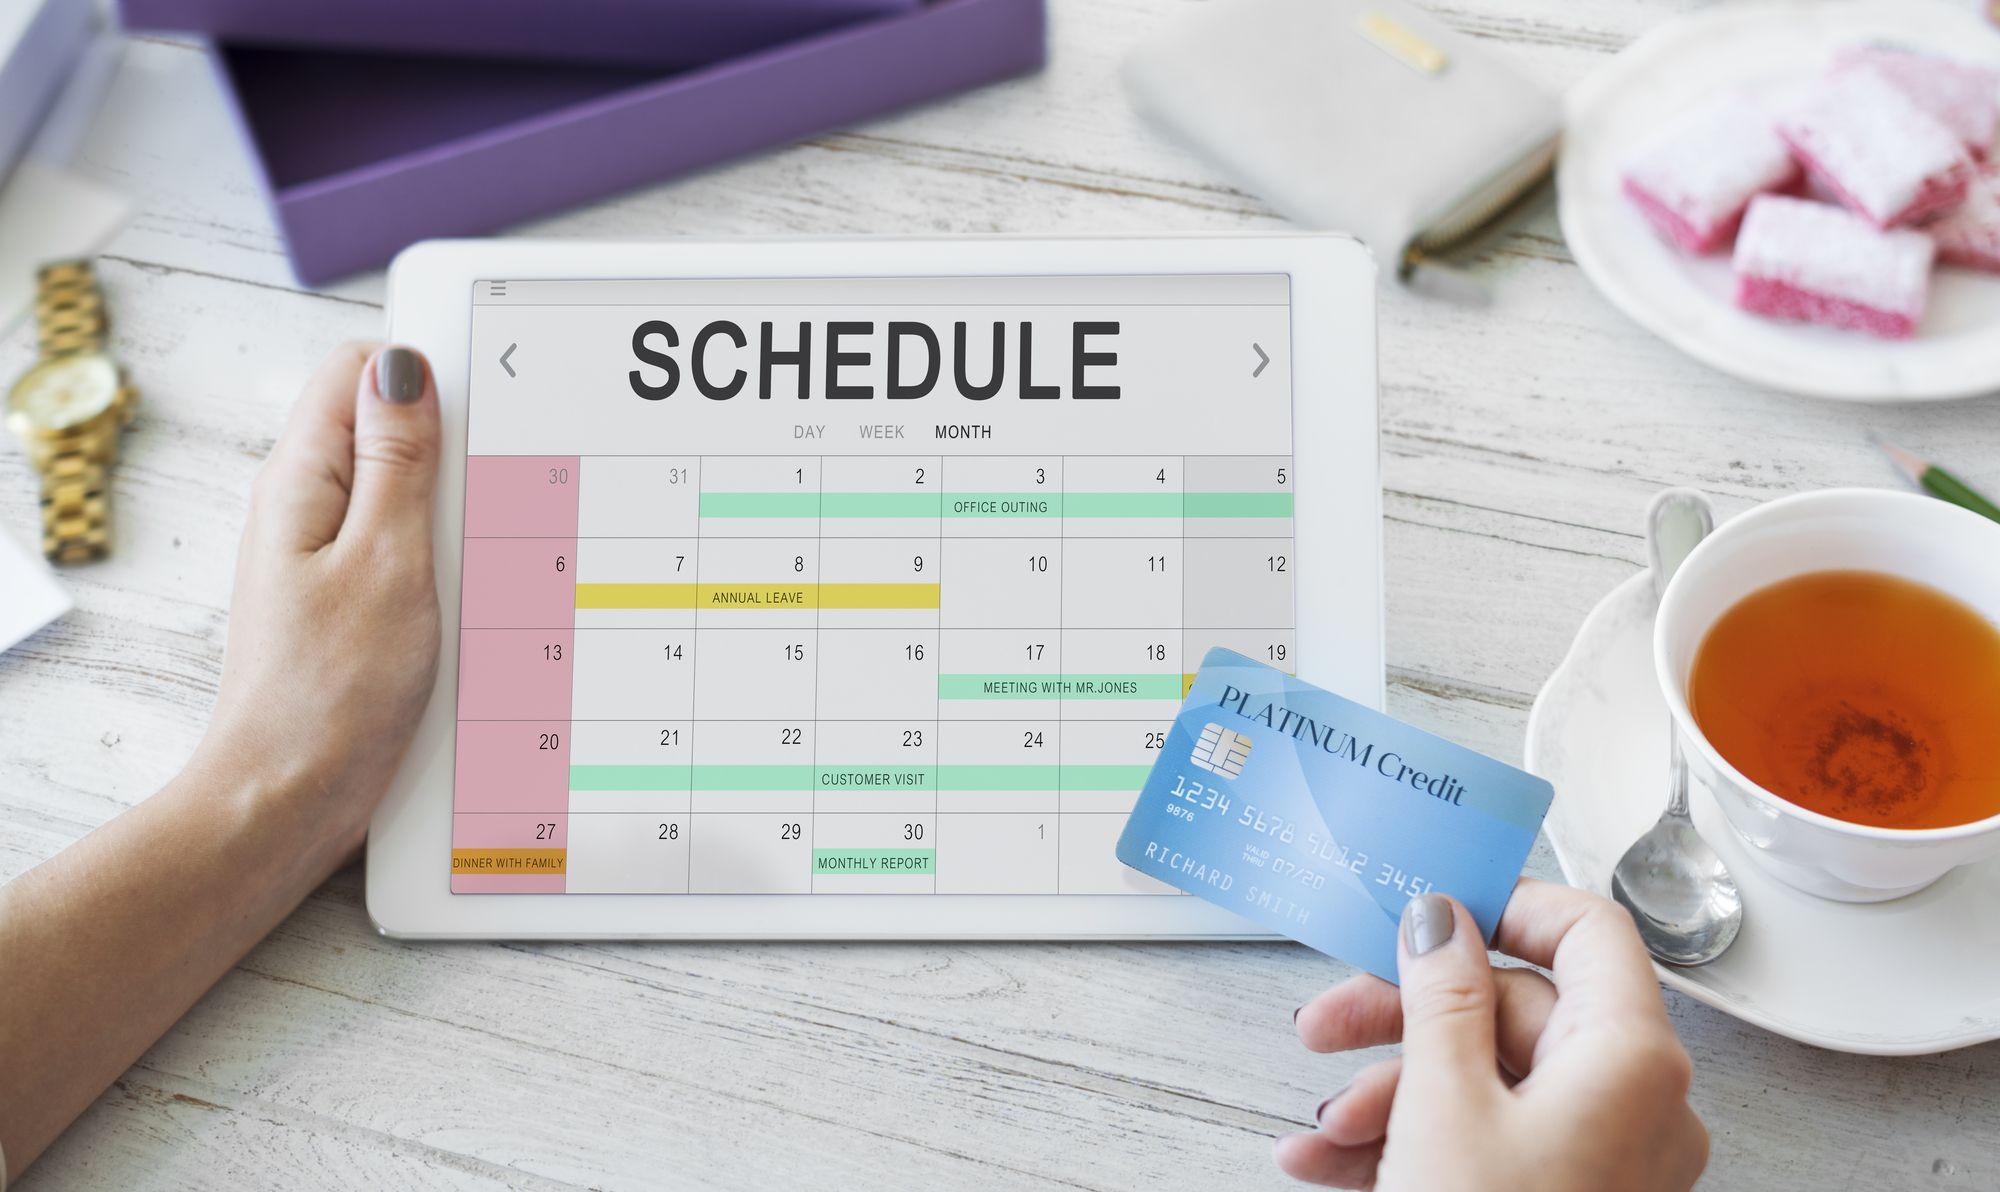 ニコスカードの締め日・支払い日を解説!引き落としタイミングを把握して残高不足を防ぐ方法